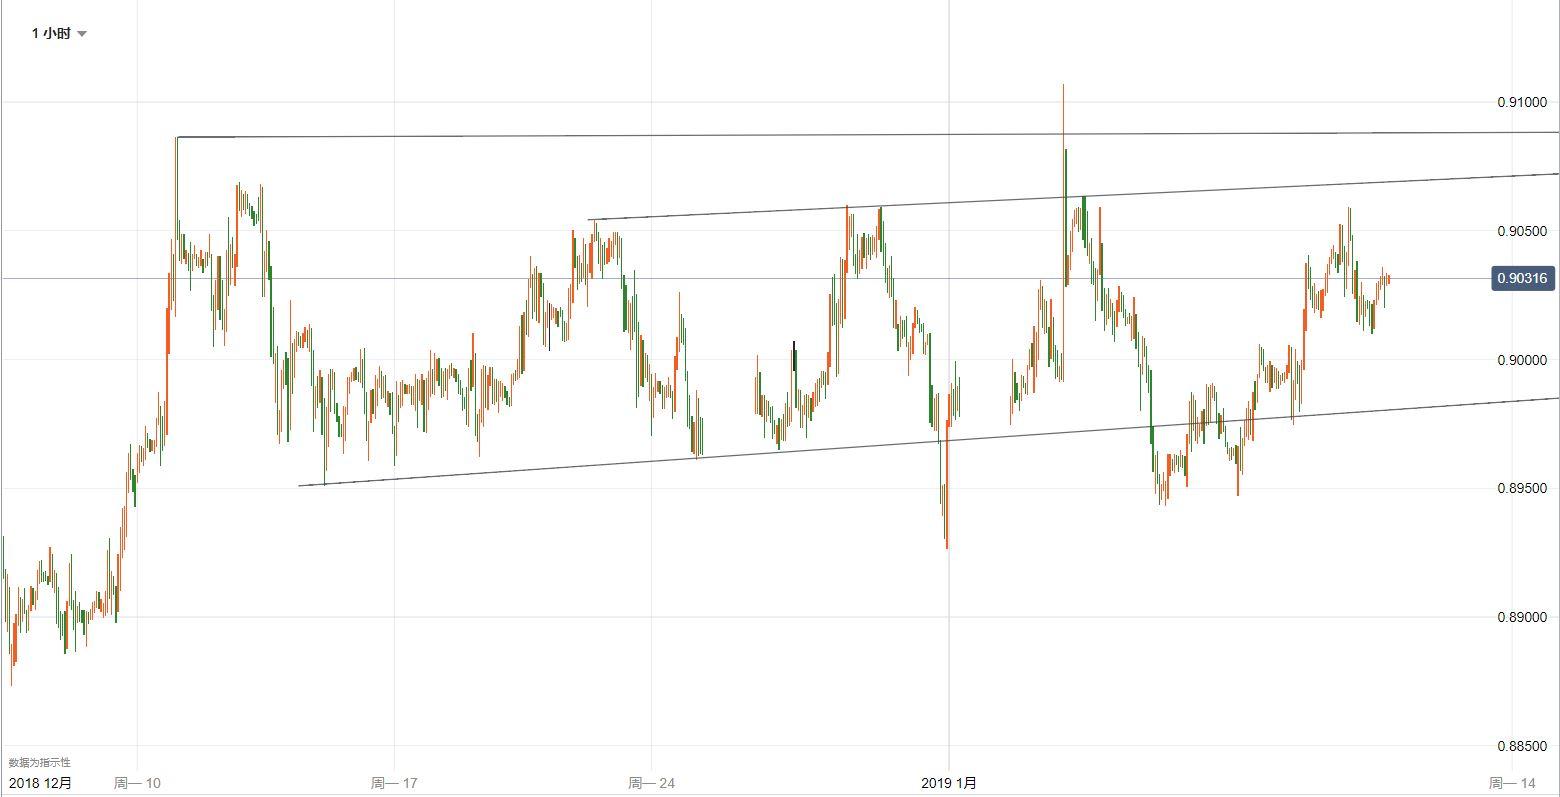 歐元/英鎊技術分析:保持耐心等待區間結果